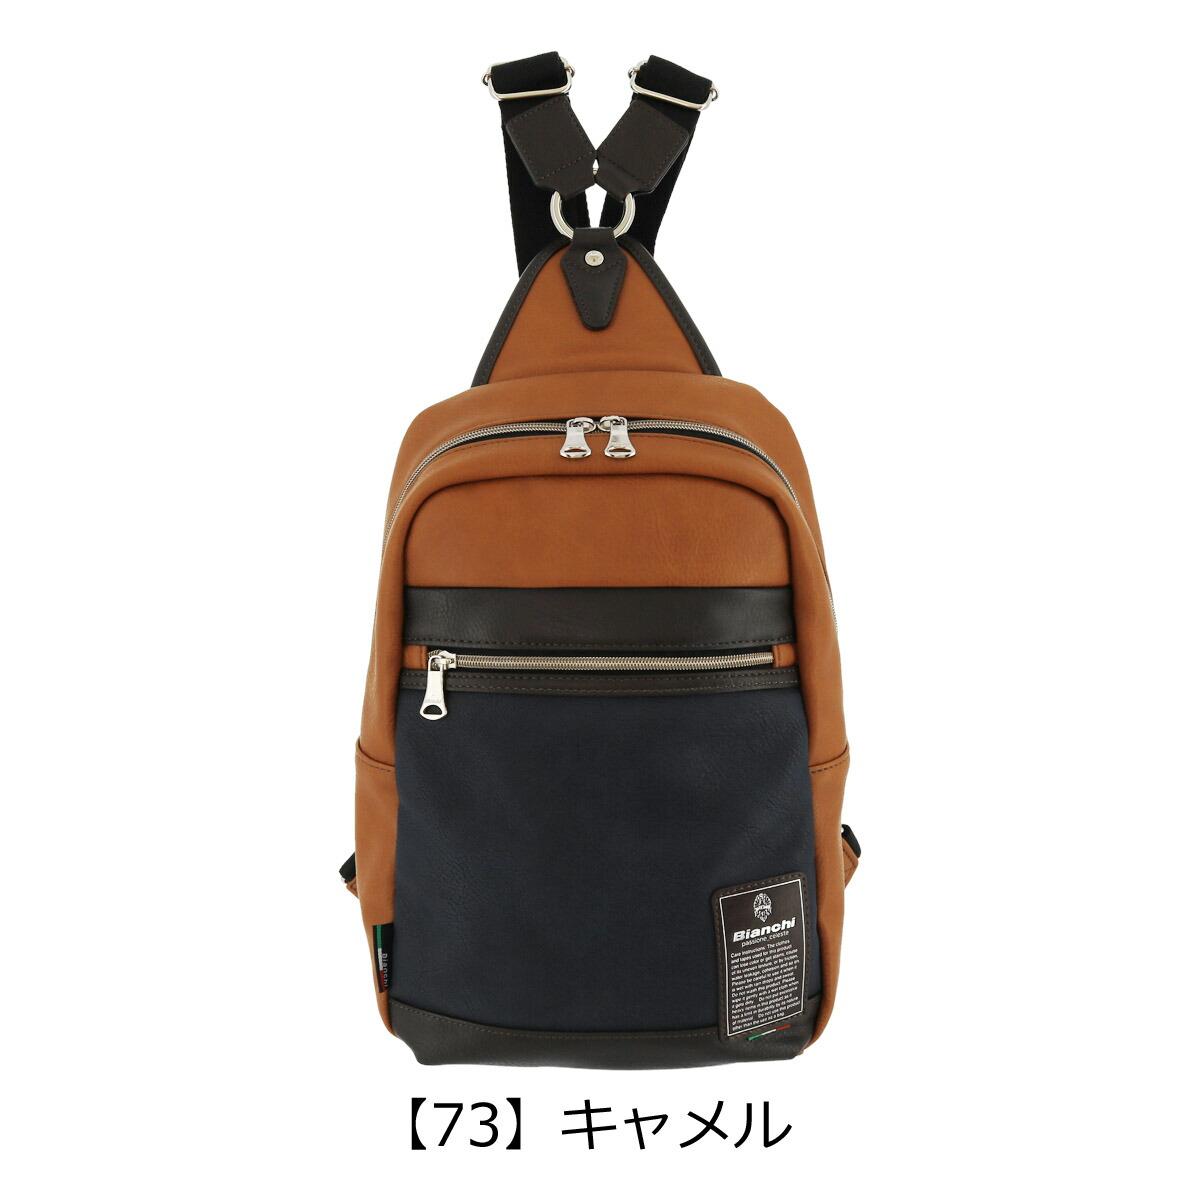 【73】キャメル